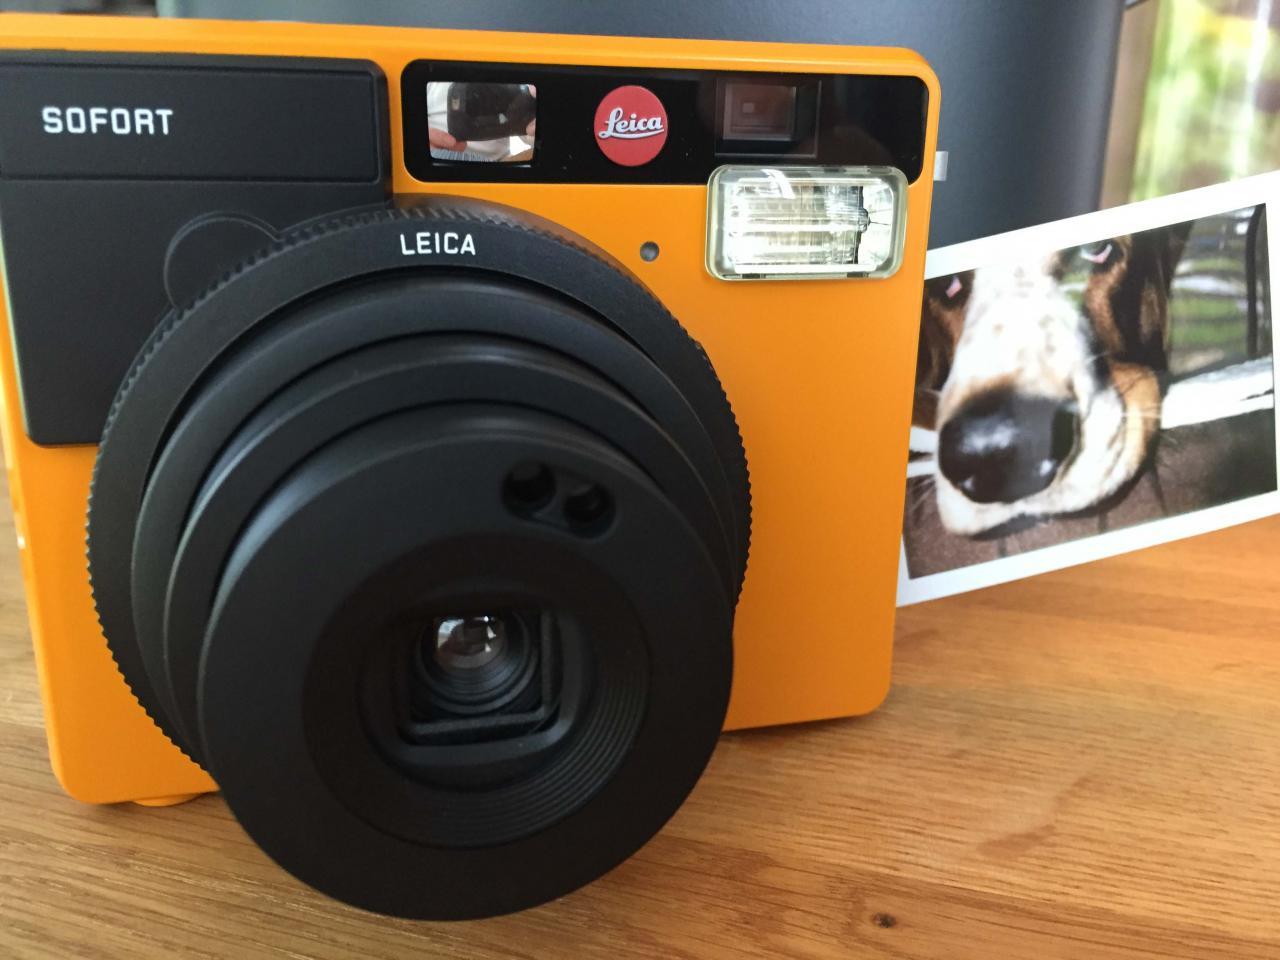 Leica_Sofort (2 von 2).jpg